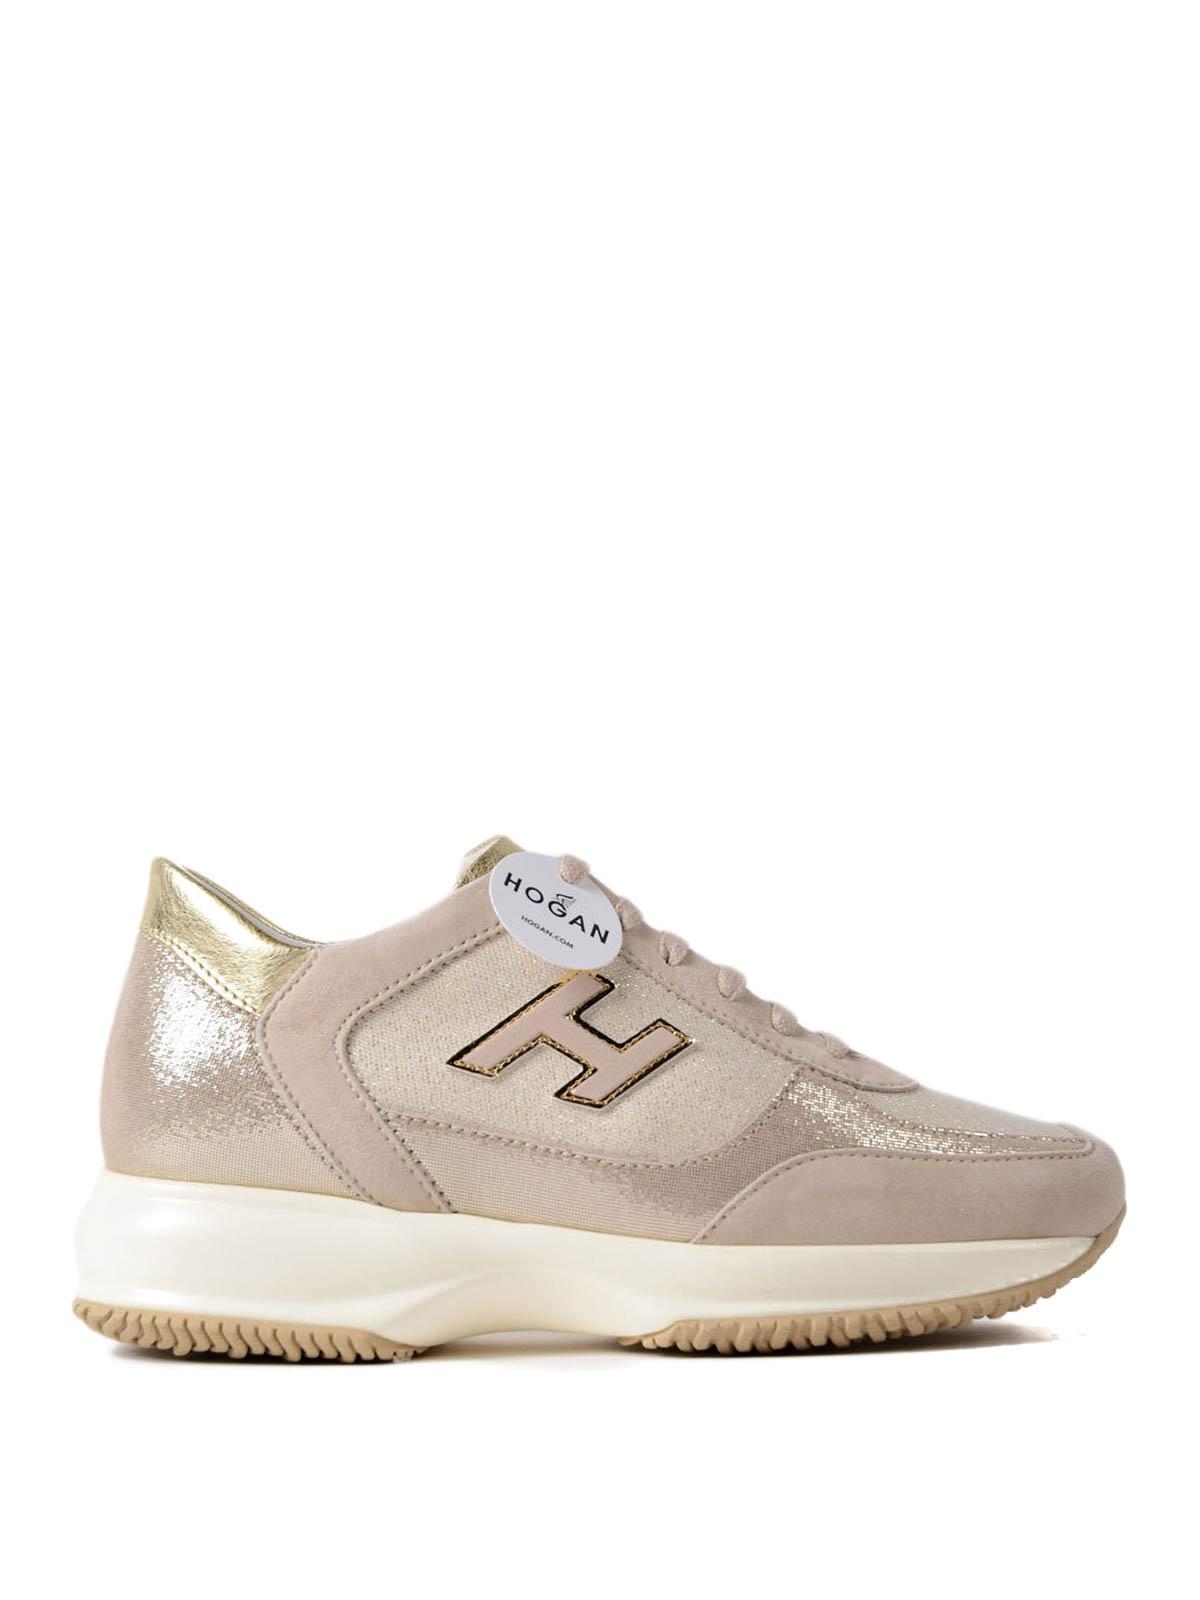 Hogan Chaussures De Sport Interactif - Nu Et Neutres Y8pOsD